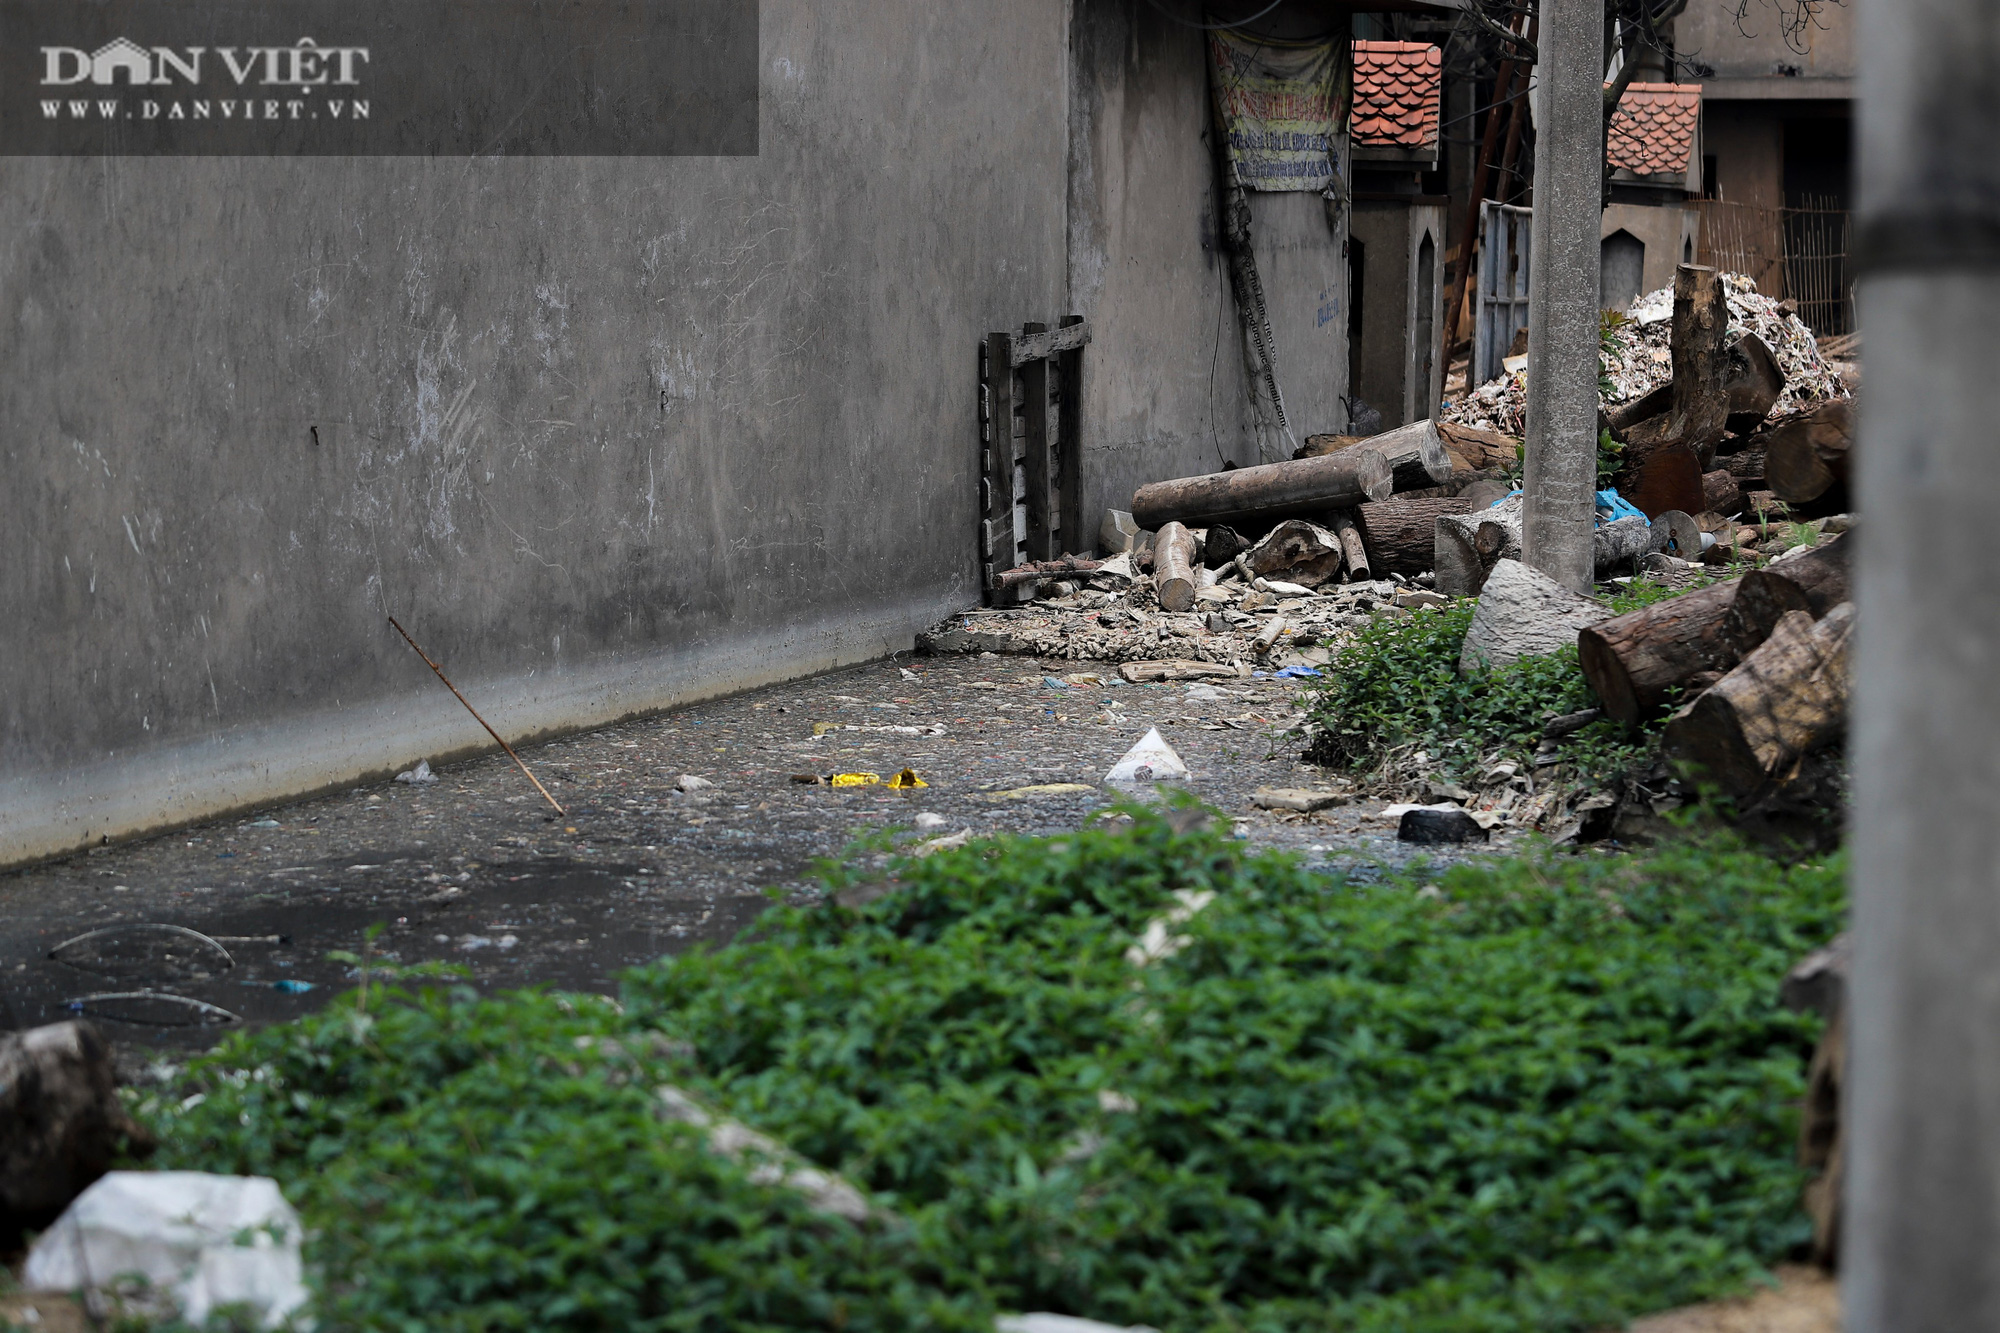 Ám ảnh khủng khiếp ở làng giấy Phú Lâm: Ô nhiễm đến con ruồi cũng không sống nổi, công nhân bán mòn sức - Ảnh 29.